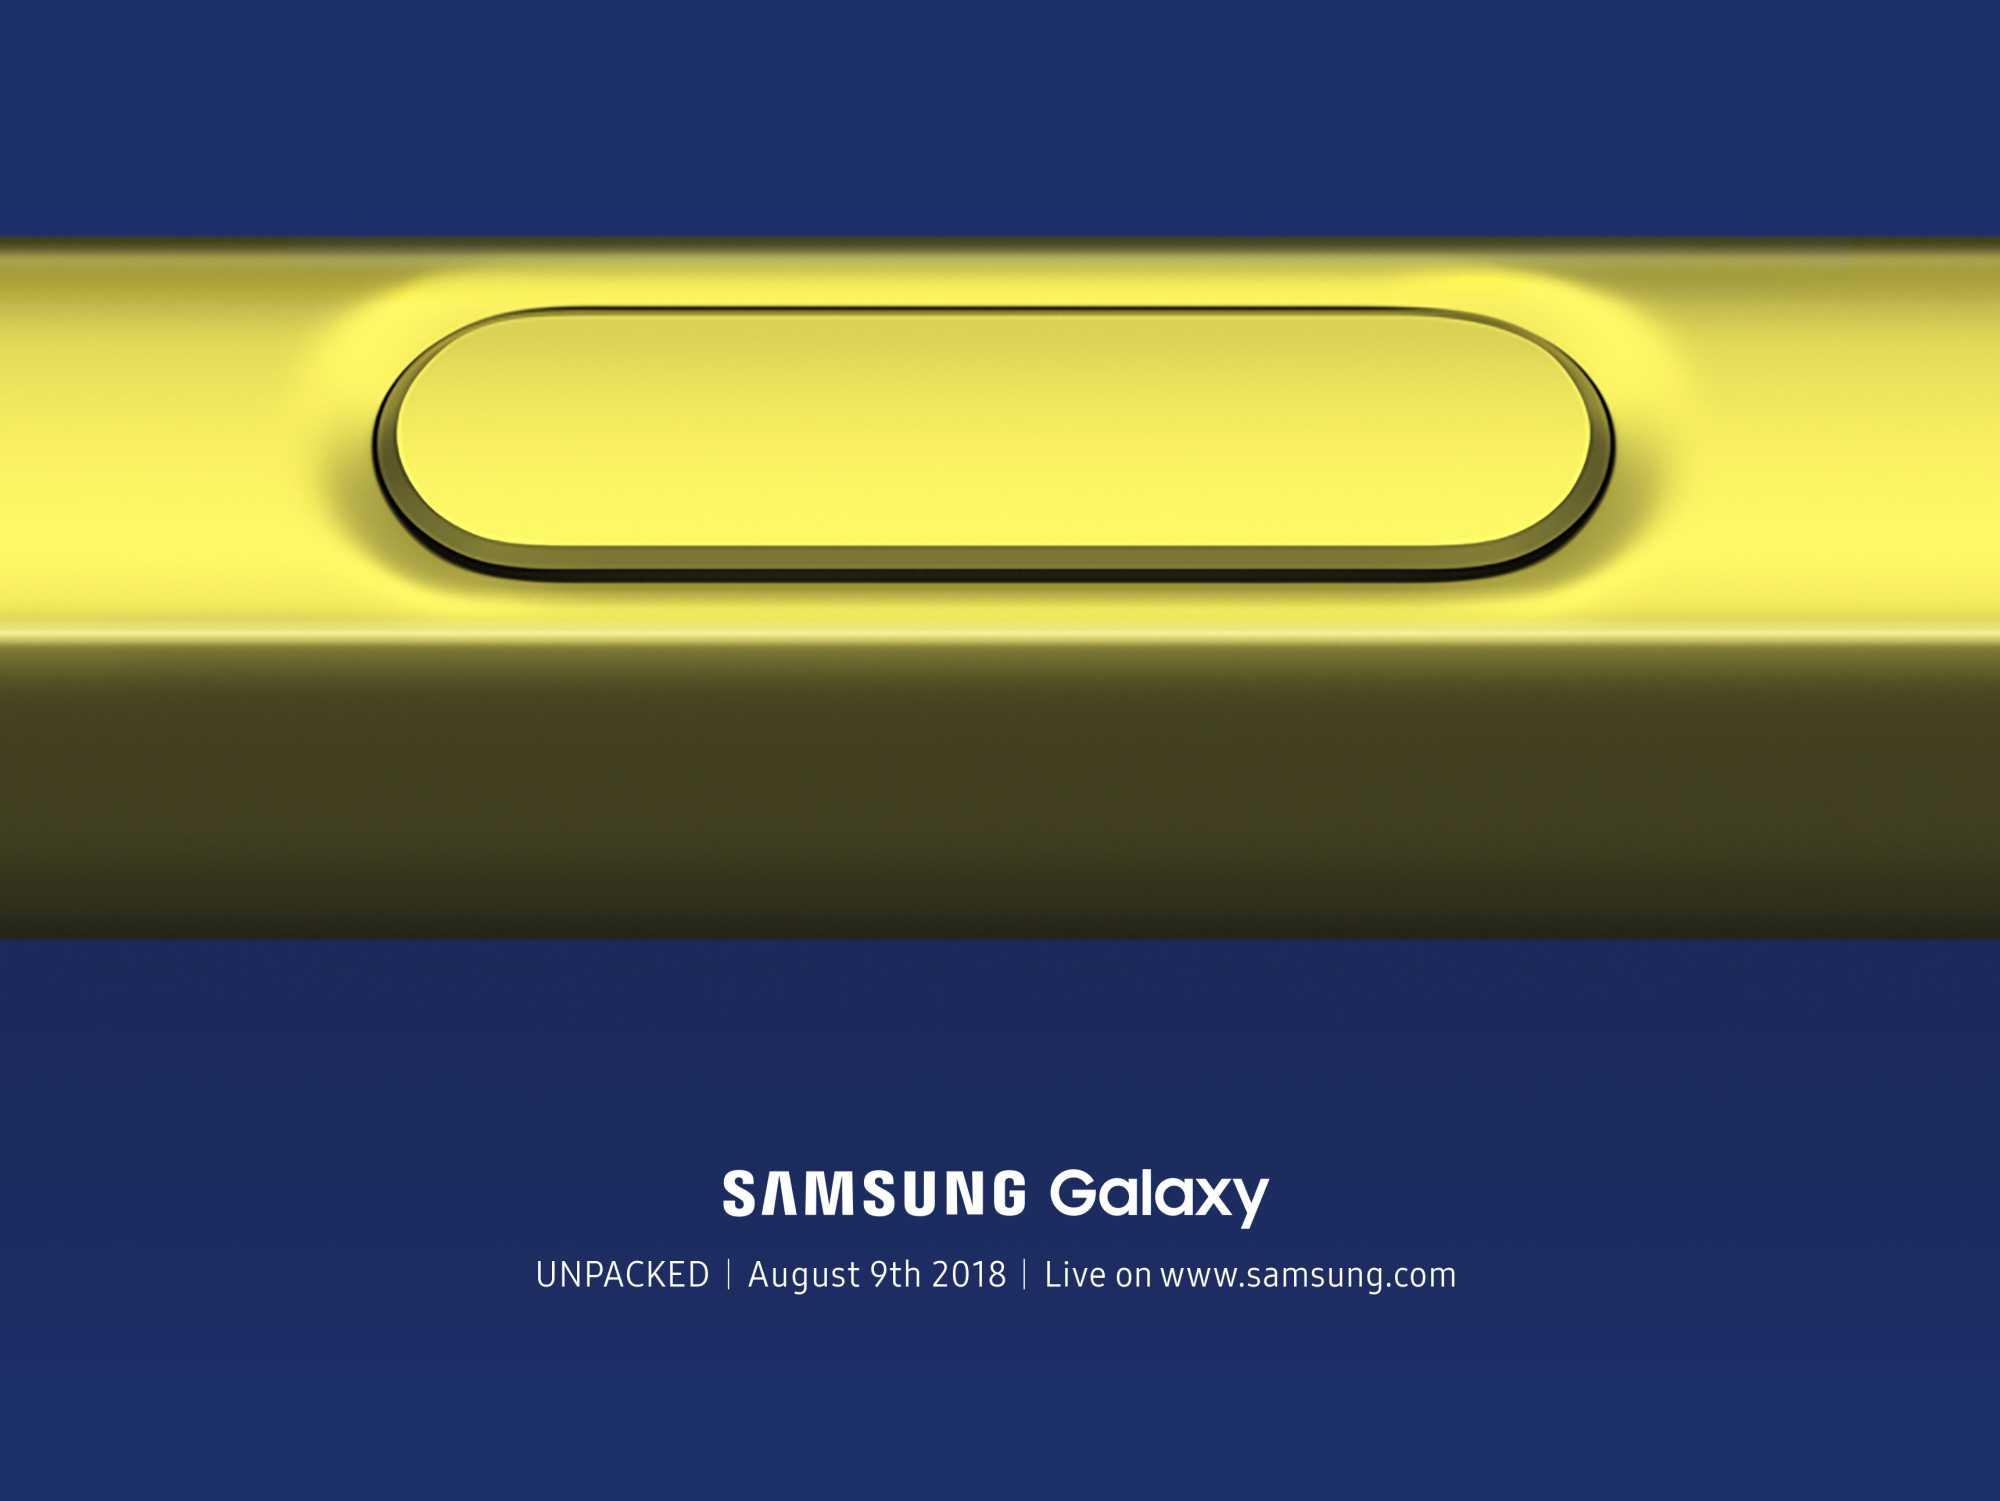 Das einzige offizielle Foto zum Galaxy Note 9 zeigt den Eingabestift S Pen.